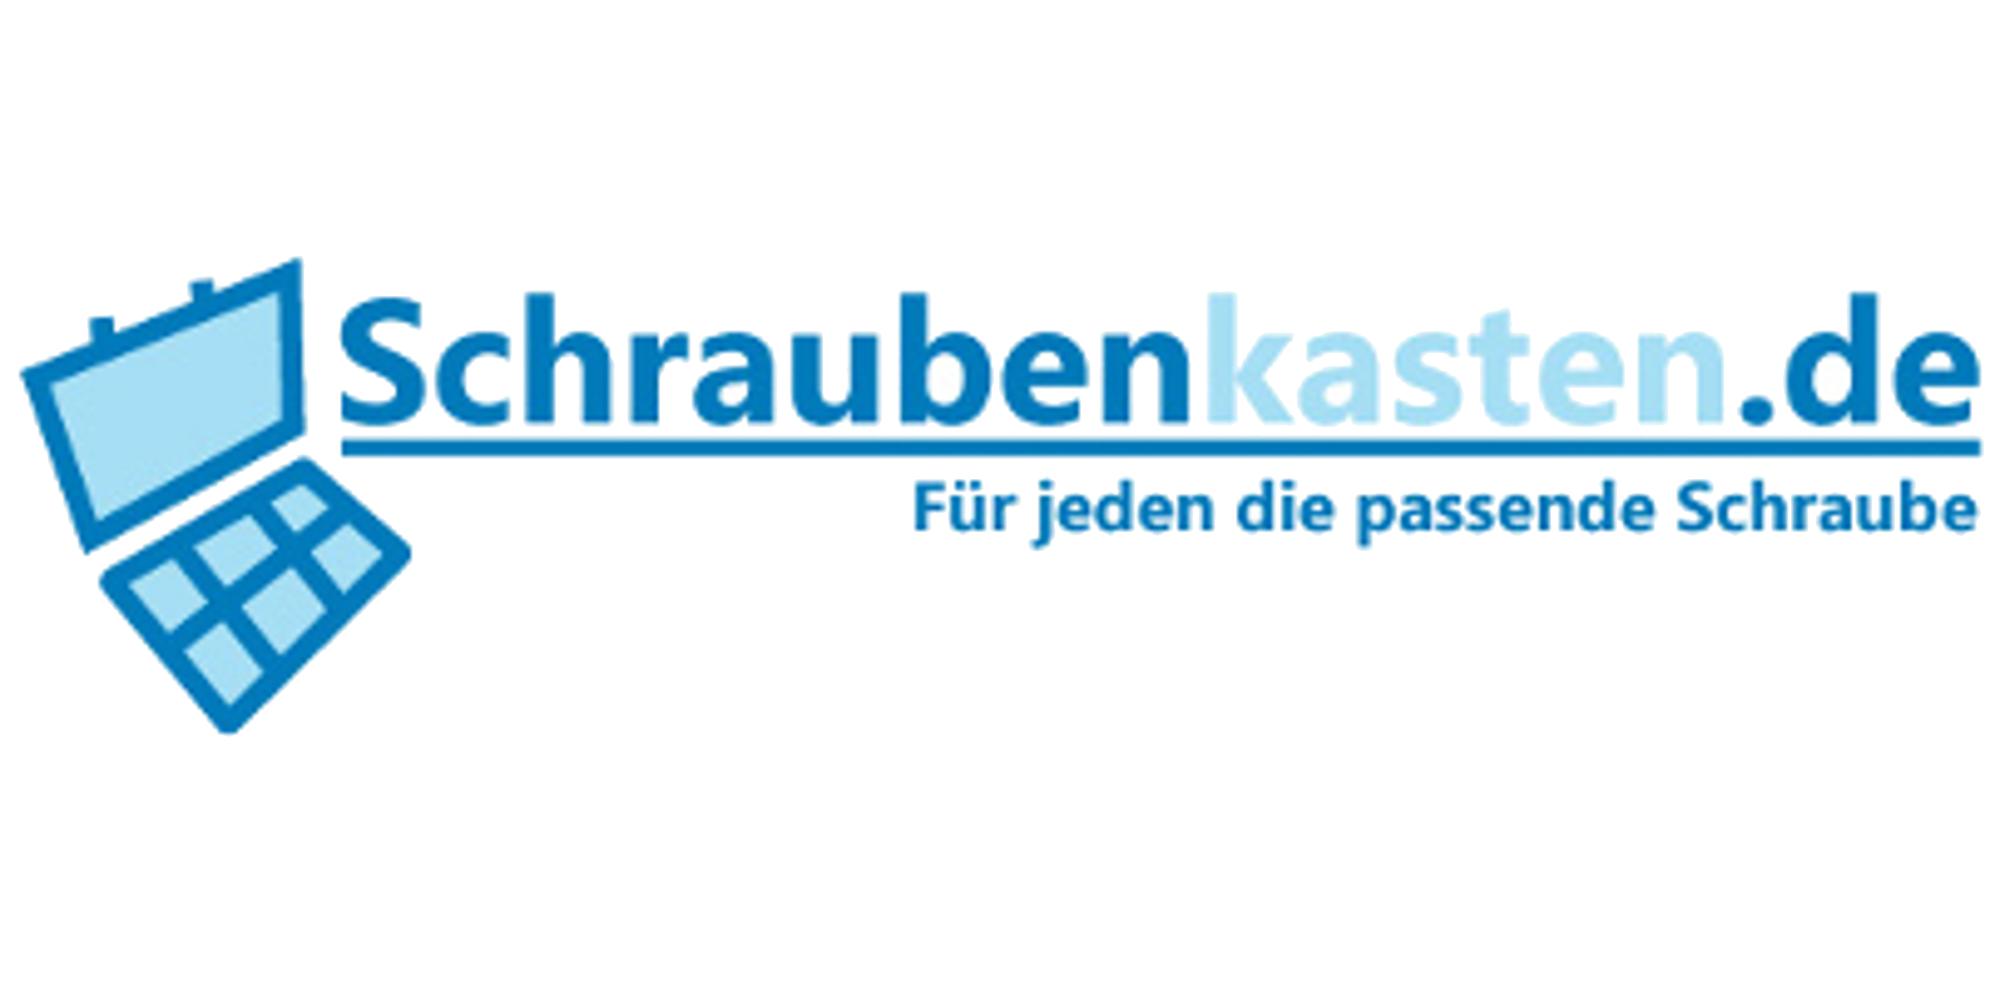 Schraubenkasten.de+Logo